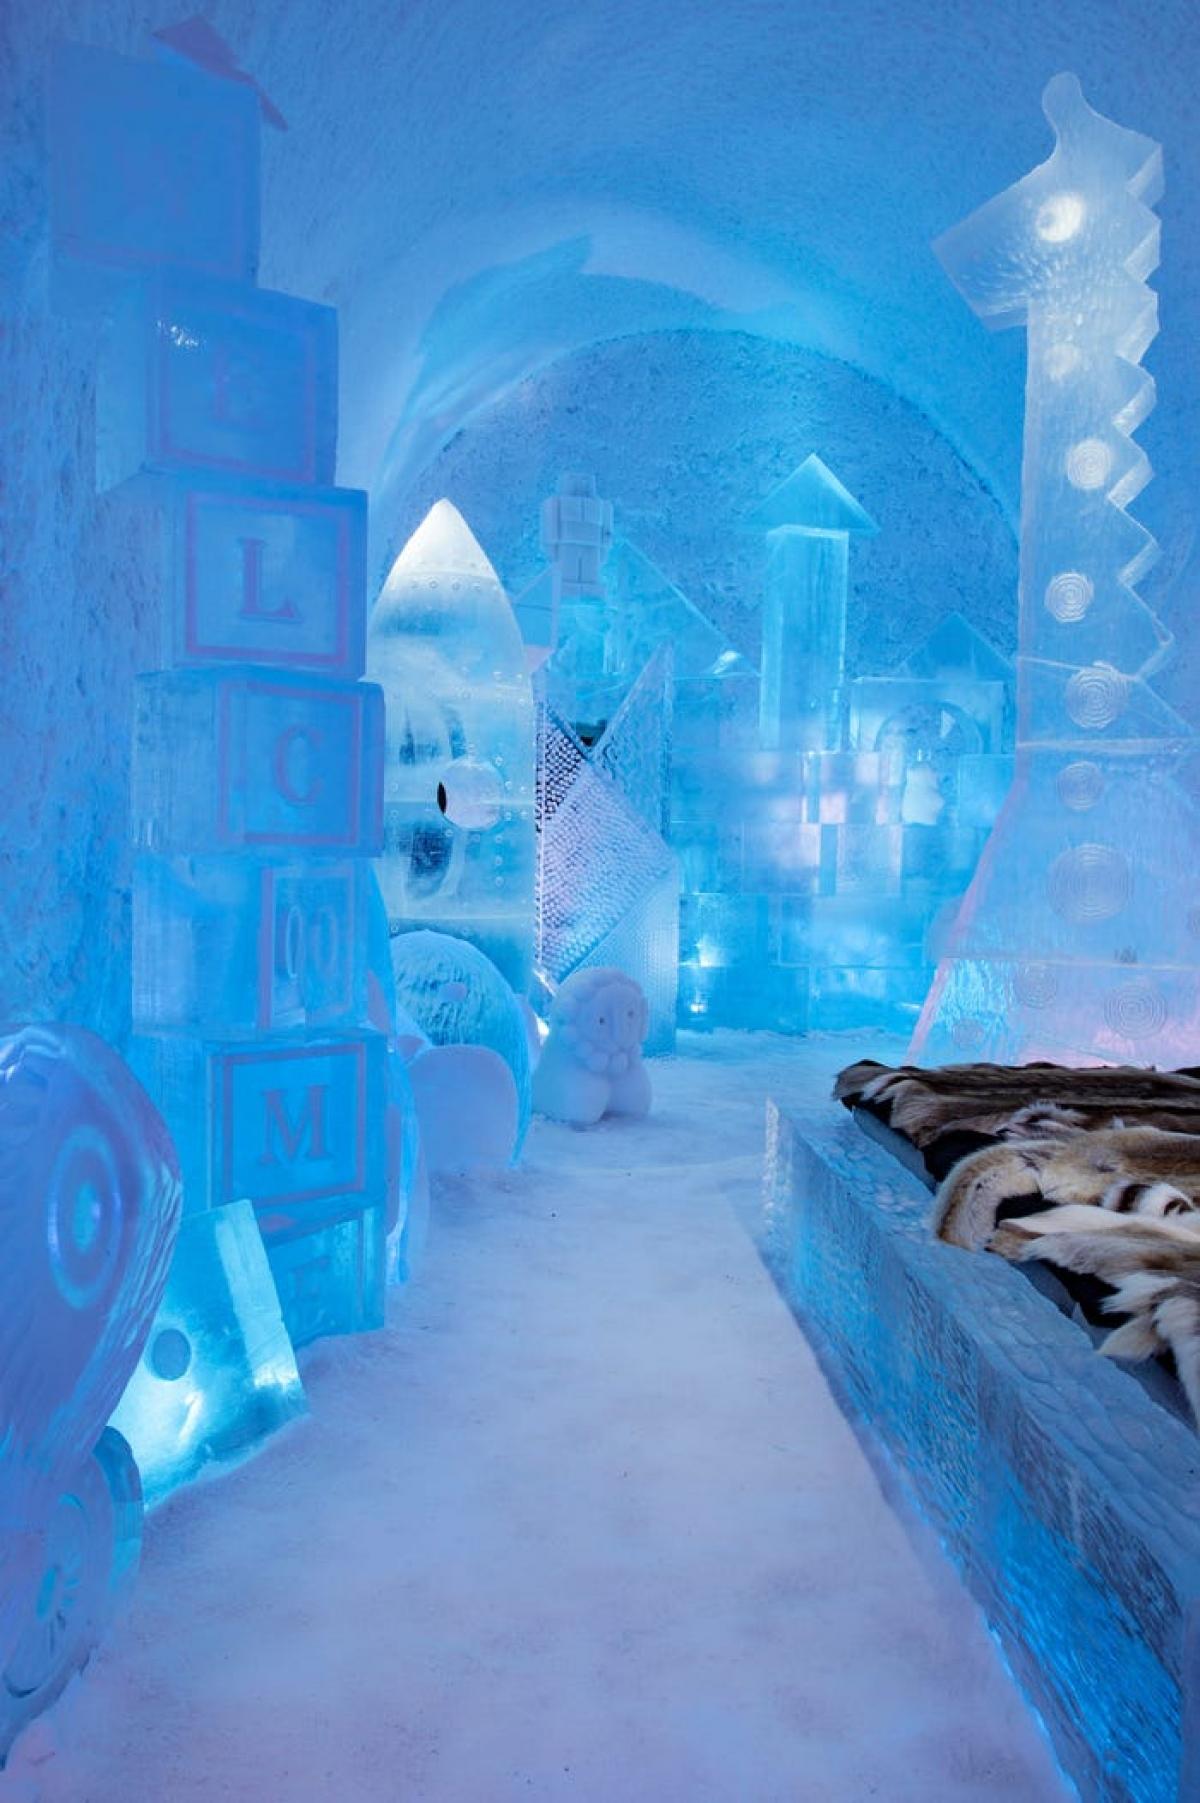 Phòng Toybox mang du khách trở về ký ức tuổi thơ, với các khối chữ cái, tượng các con vật. Những hình thù sinh động khiến khách tham quan cảm thấy như những đứa trẻ lạc vào khu vườn cổ tích mộng mơ.